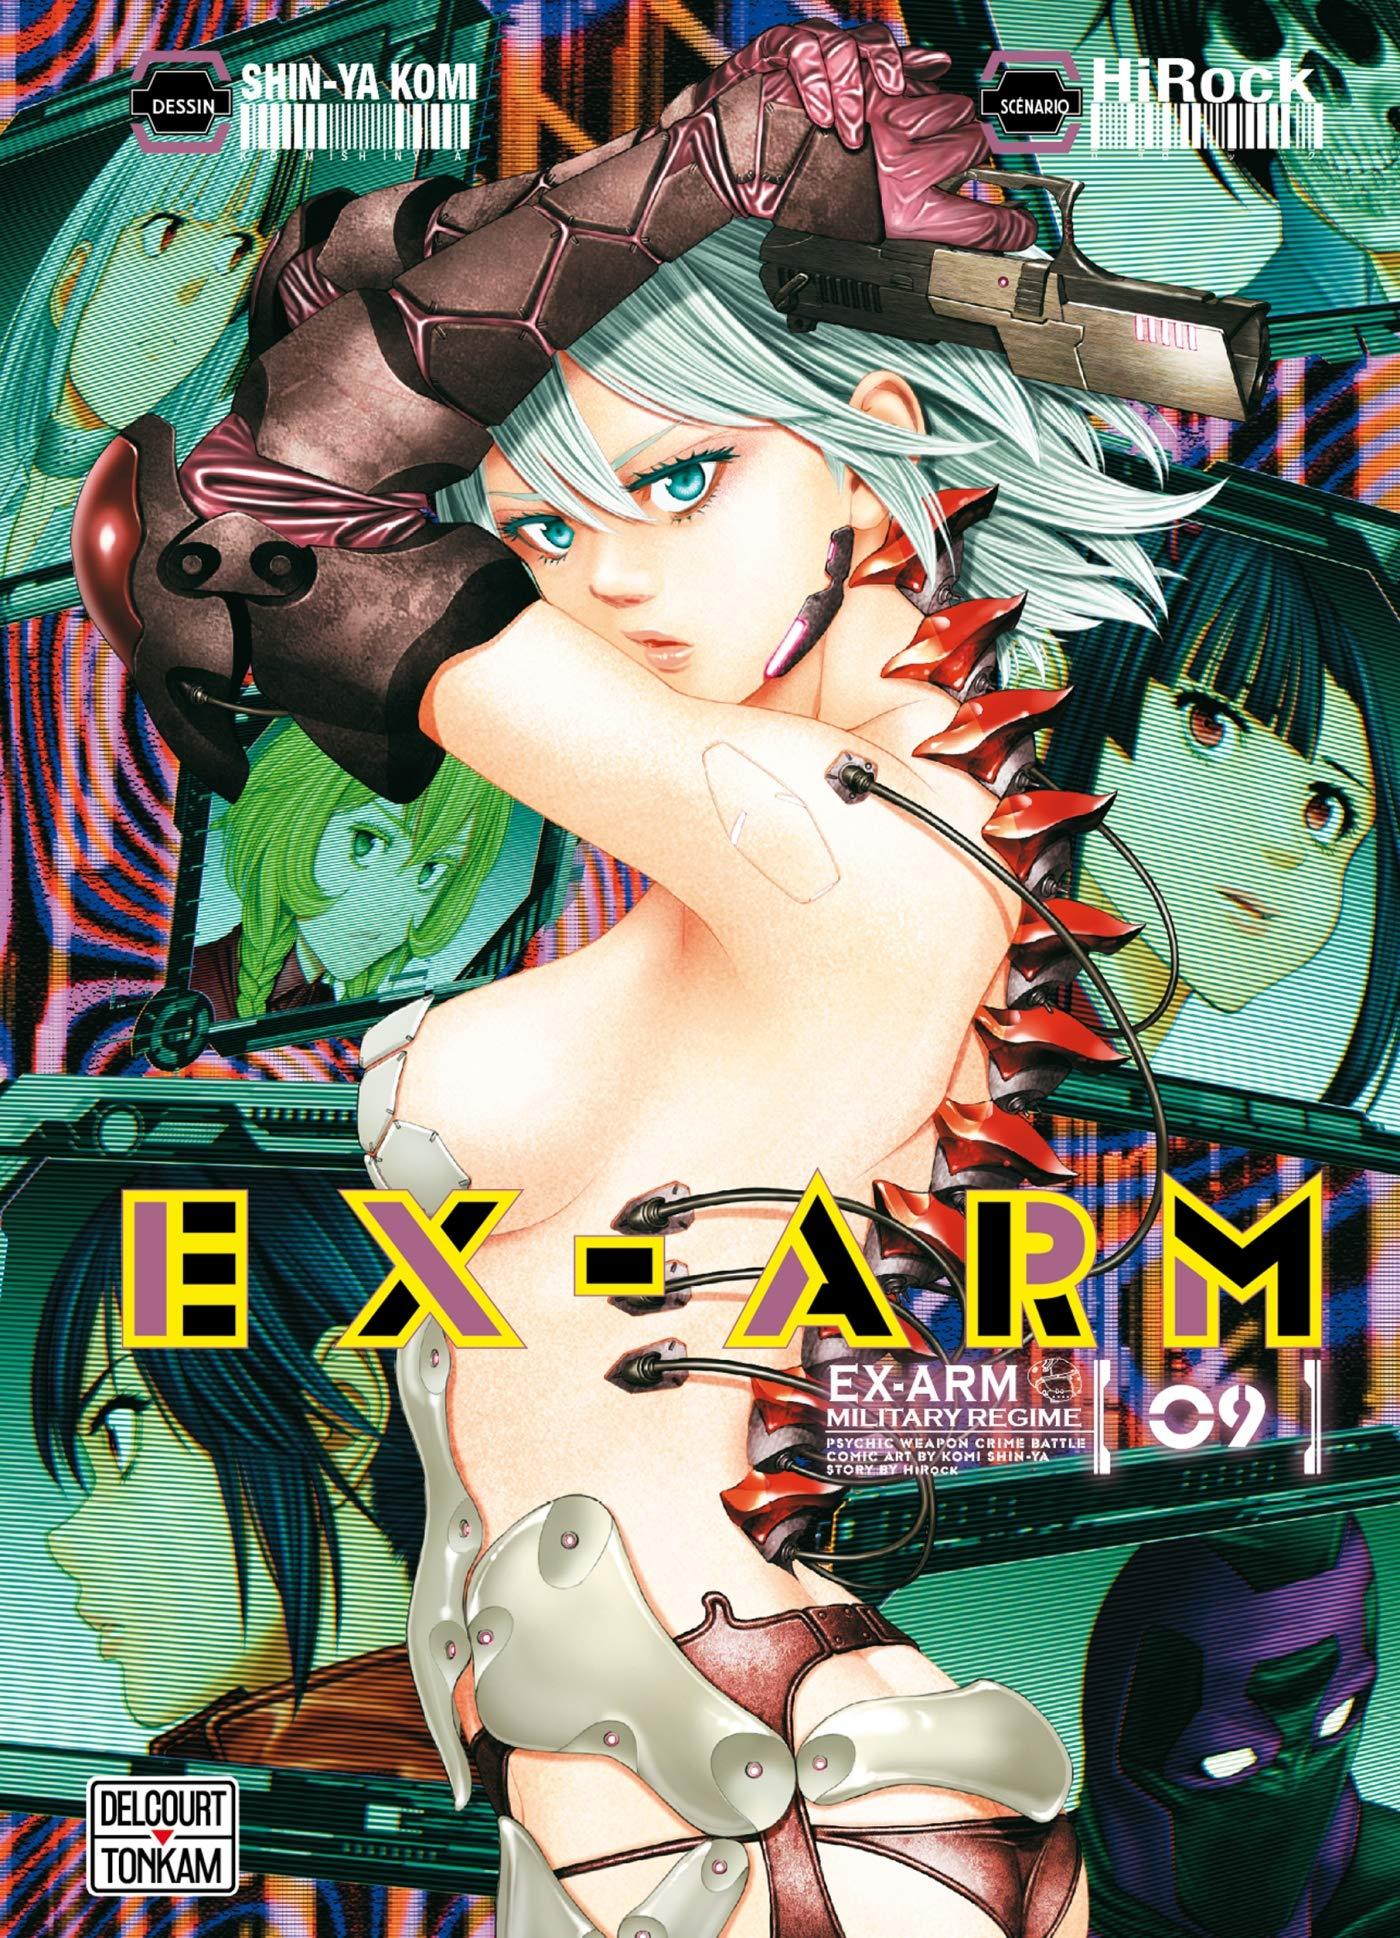 EX-ARM 9